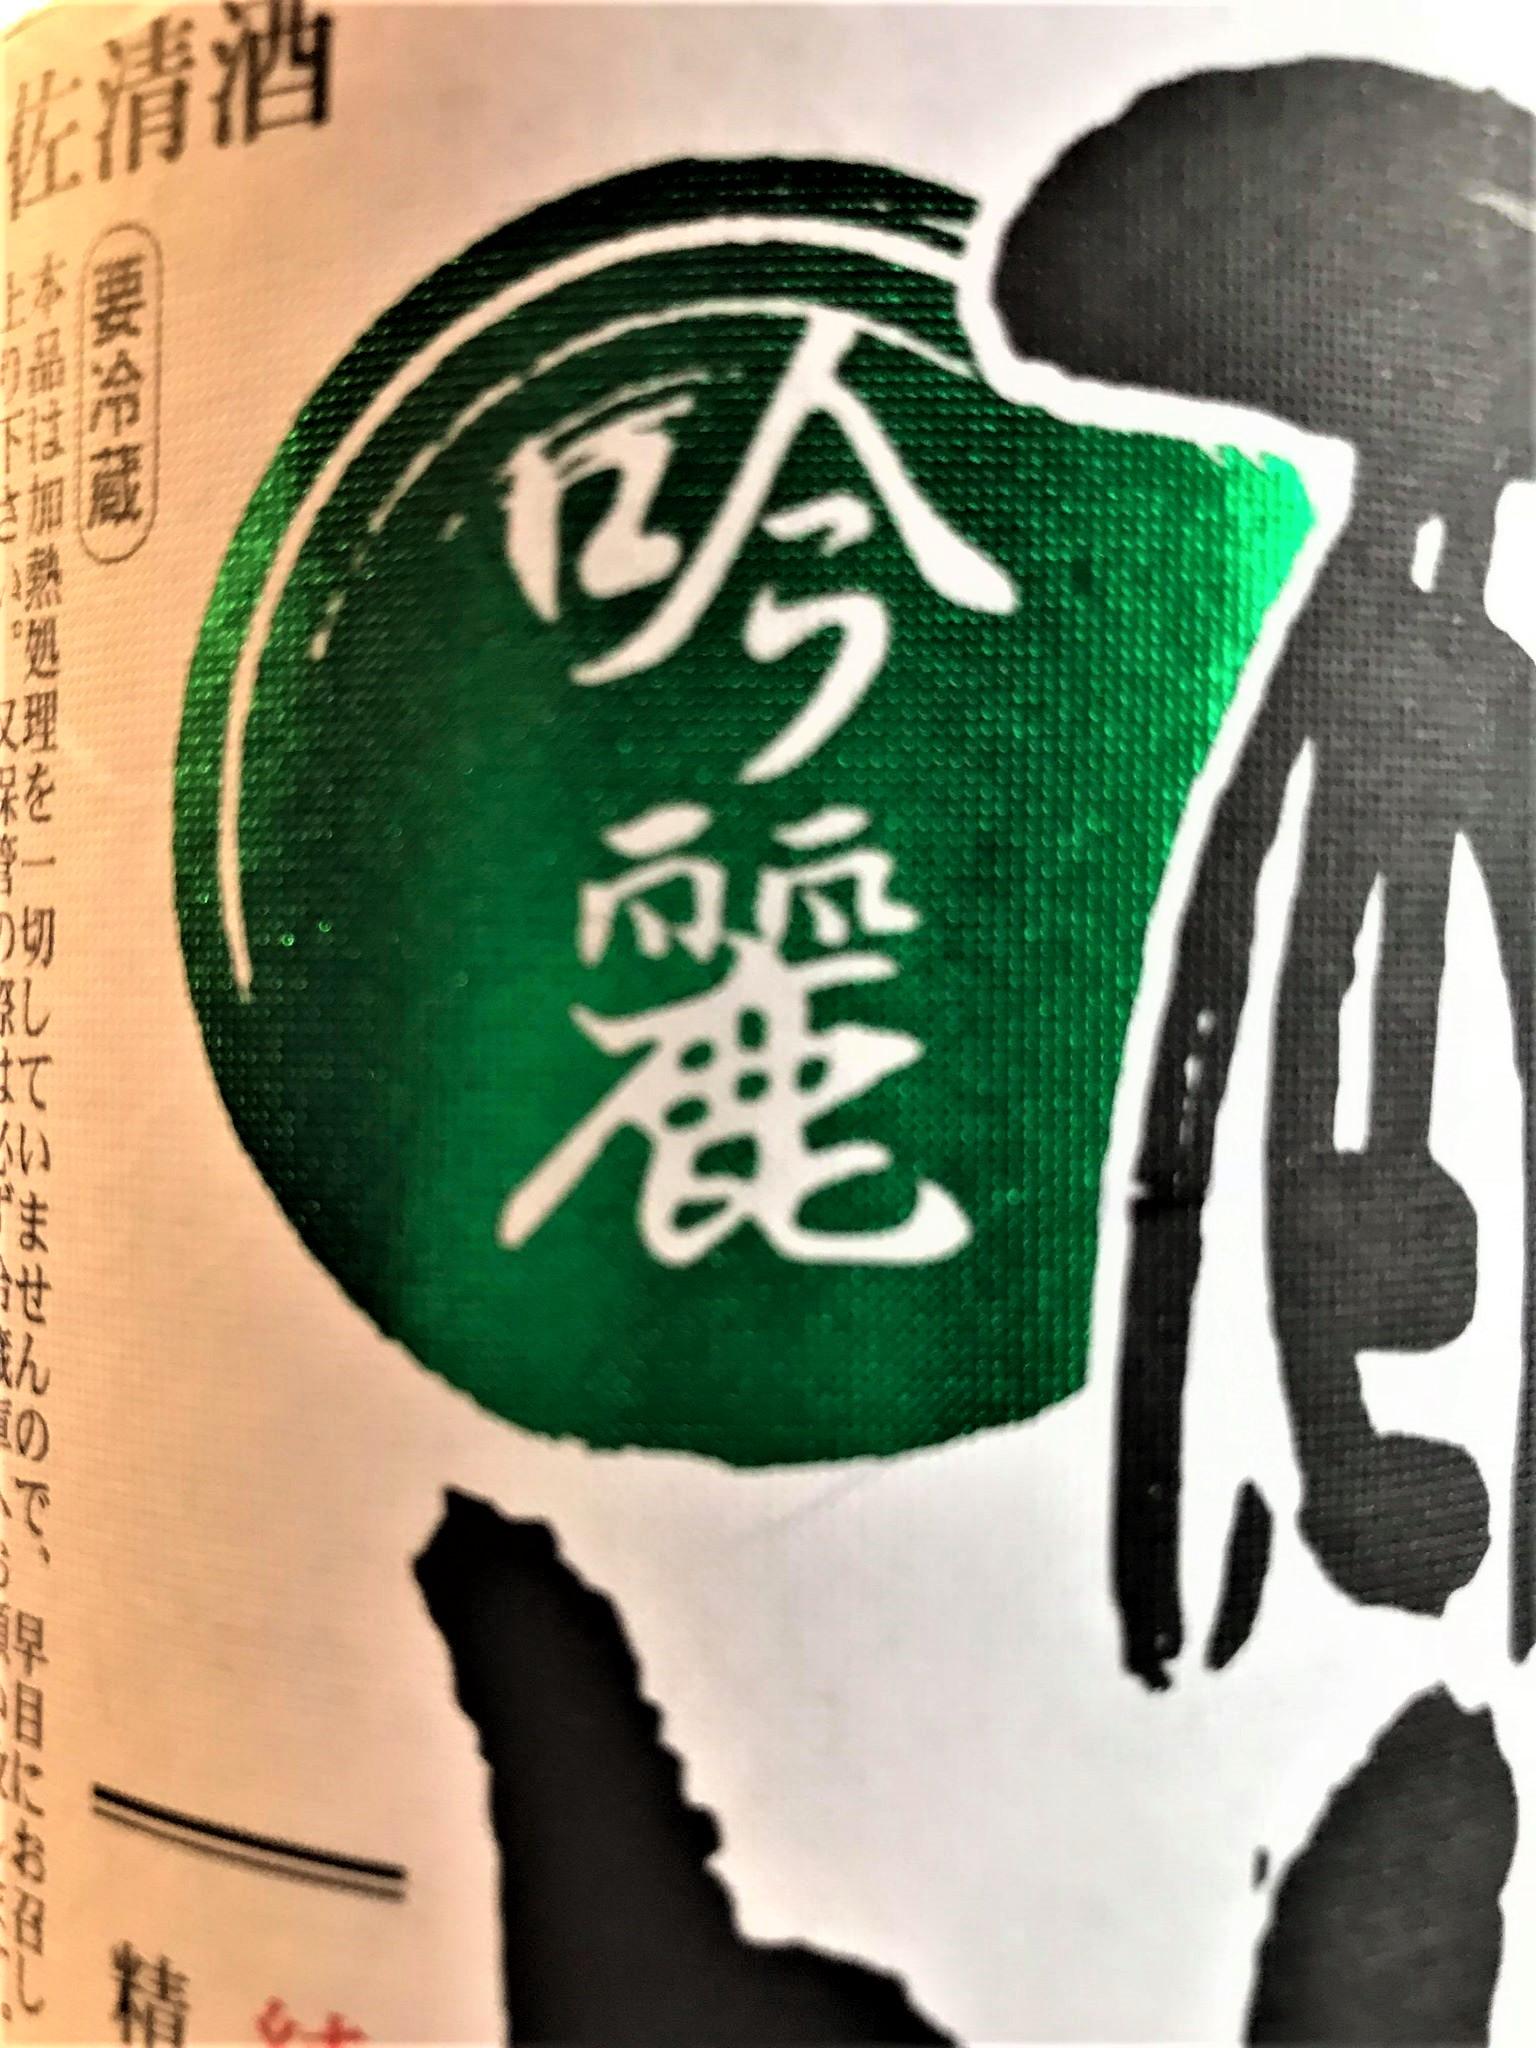 【日本酒】酔鯨 新酒搾りたて 吟麗 純米吟醸 未濾過すっぴん生原酒 限定 新酒30BY_e0173738_14272371.jpg